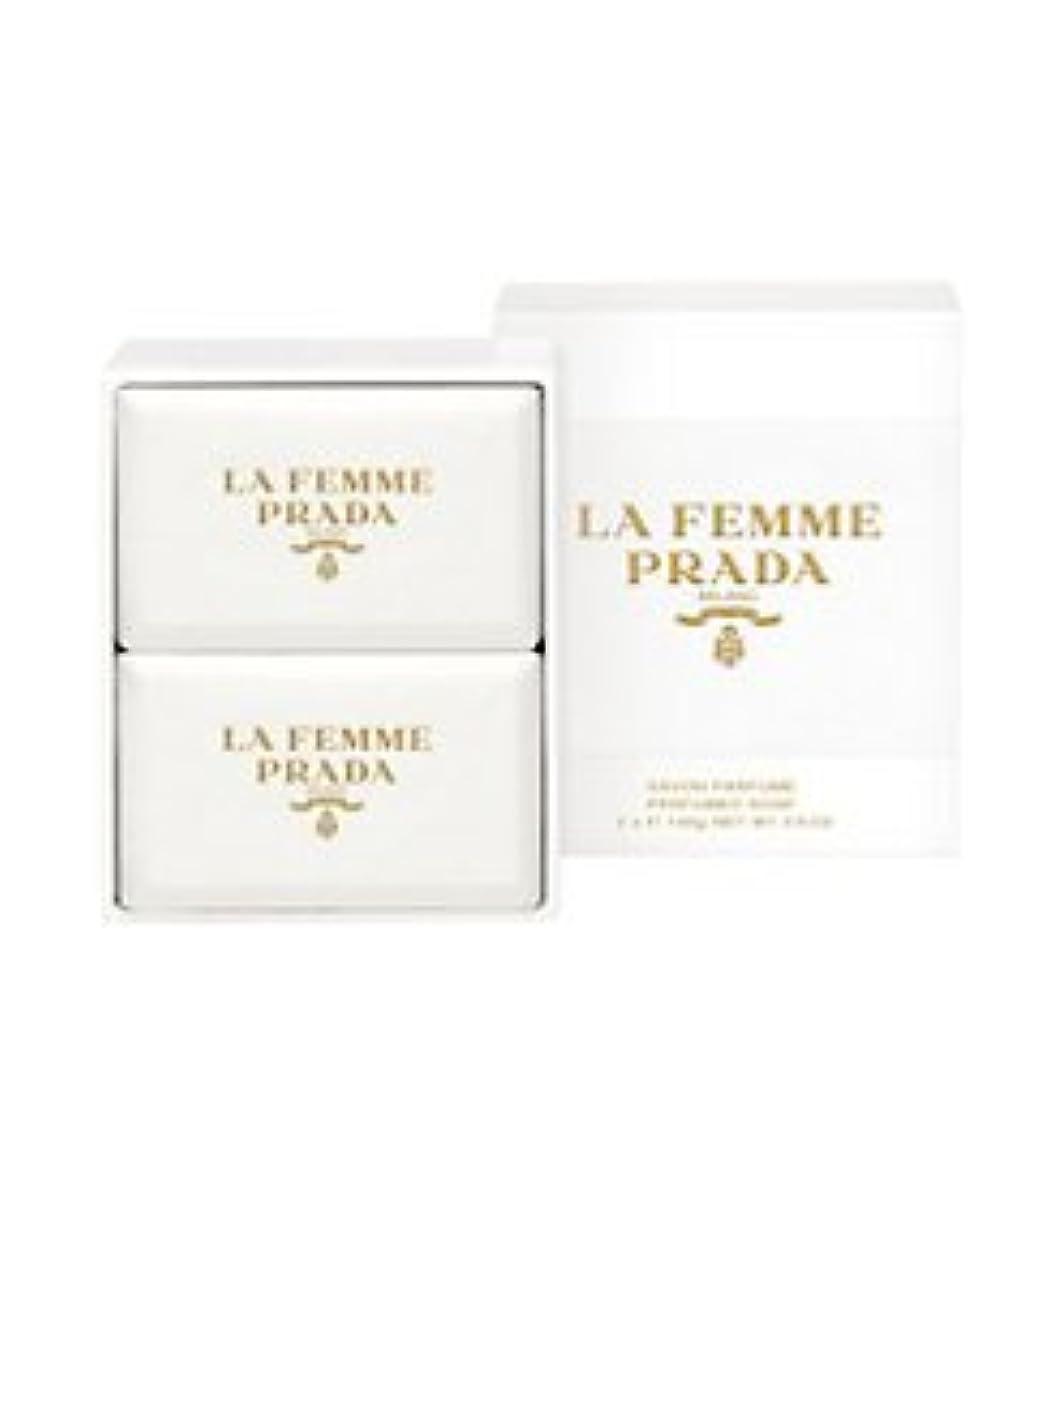 グリットゴージャス支援するLa Femme Prada (ラ フェム プラダ) 1.75 oz (52ml) Soap (石鹸) x 2個 for Women